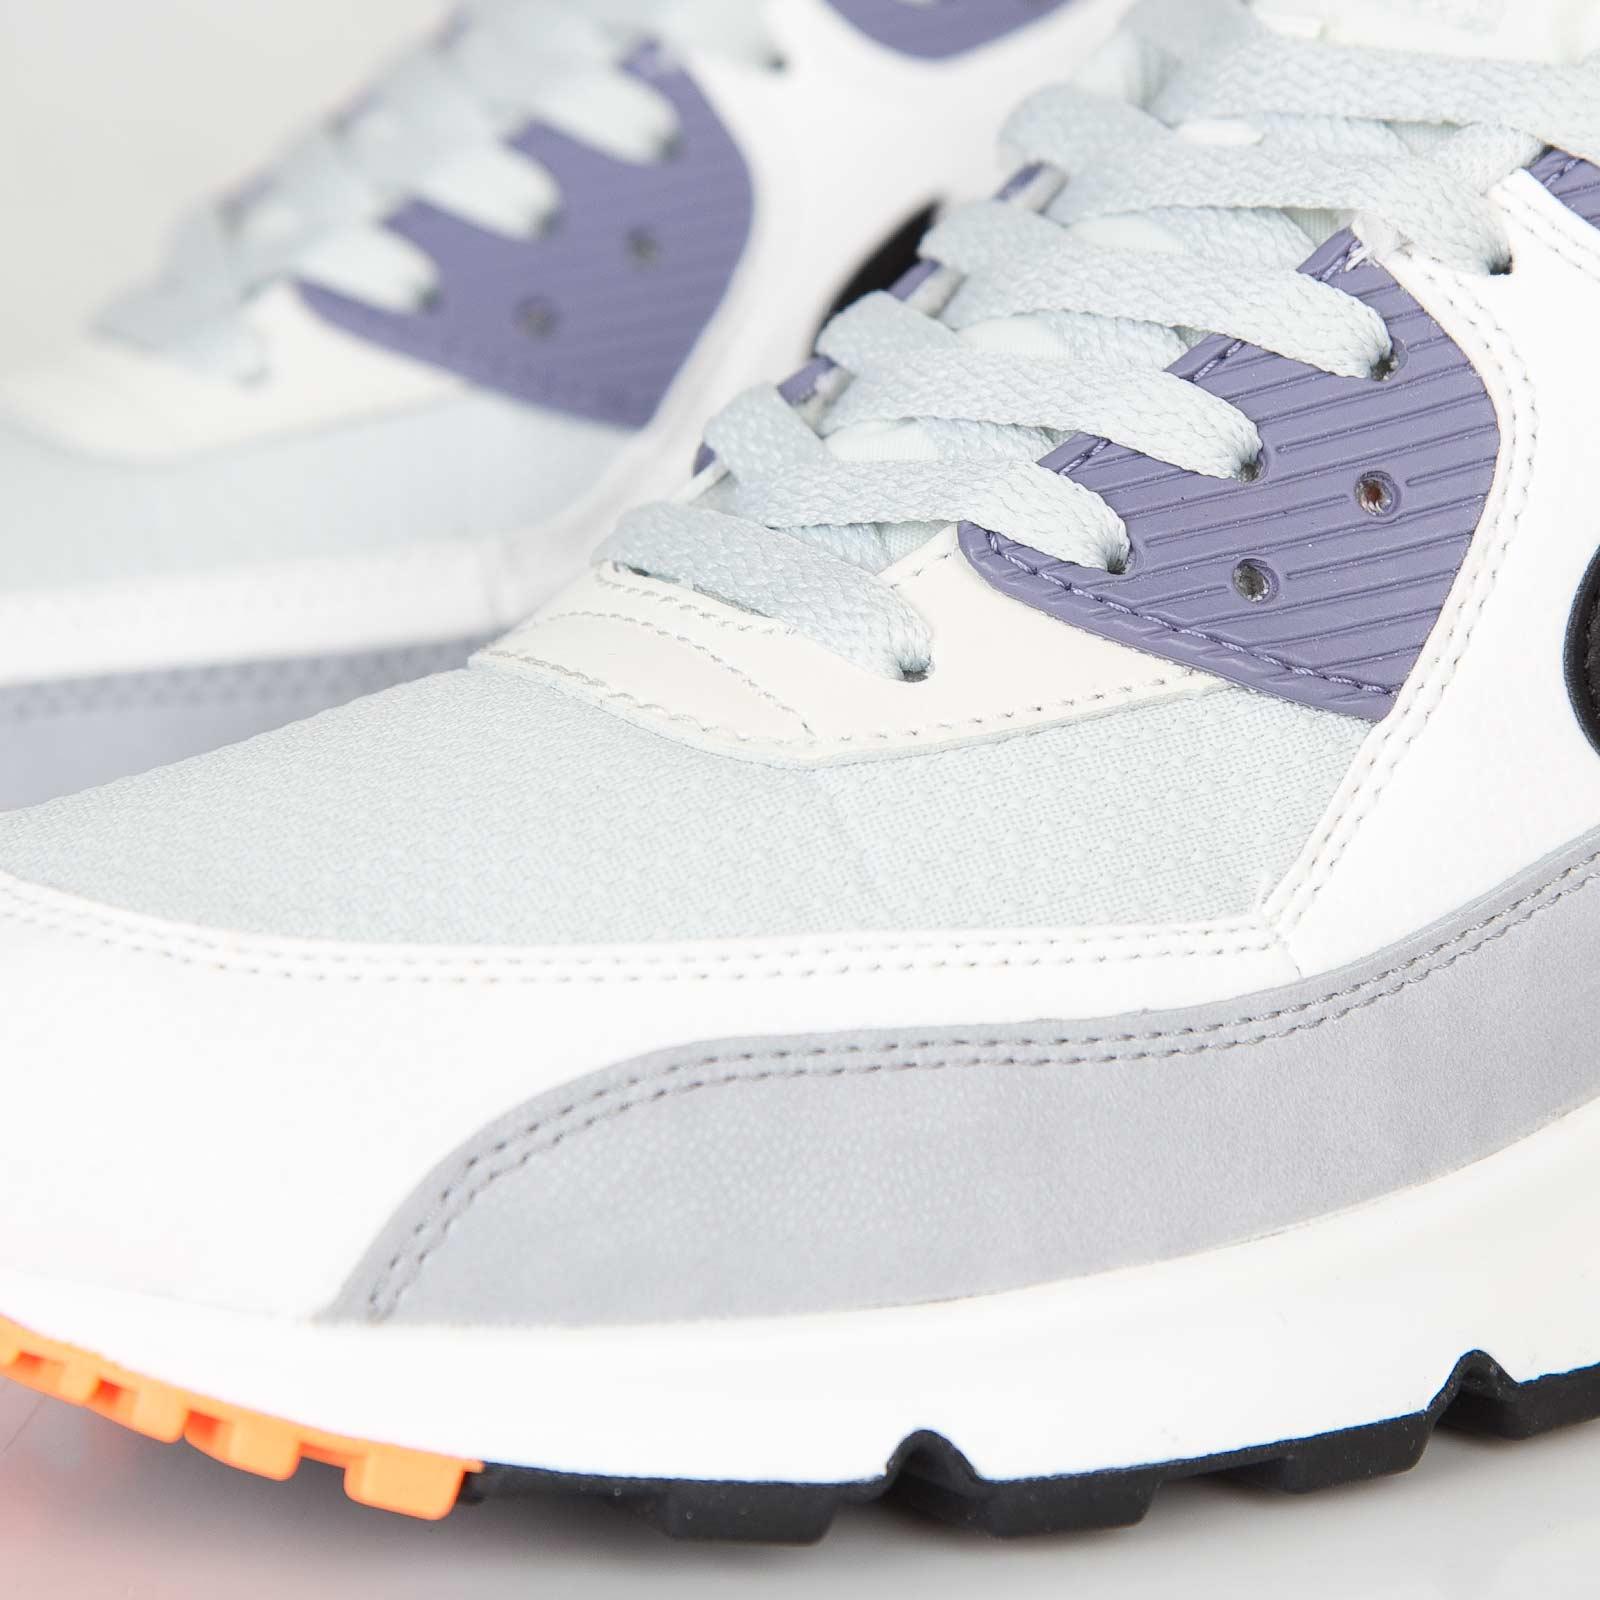 8fd4edc156 Nike Air Max 90 Essential - 537384-005 - Sneakersnstuff | sneakers &  streetwear online since 1999